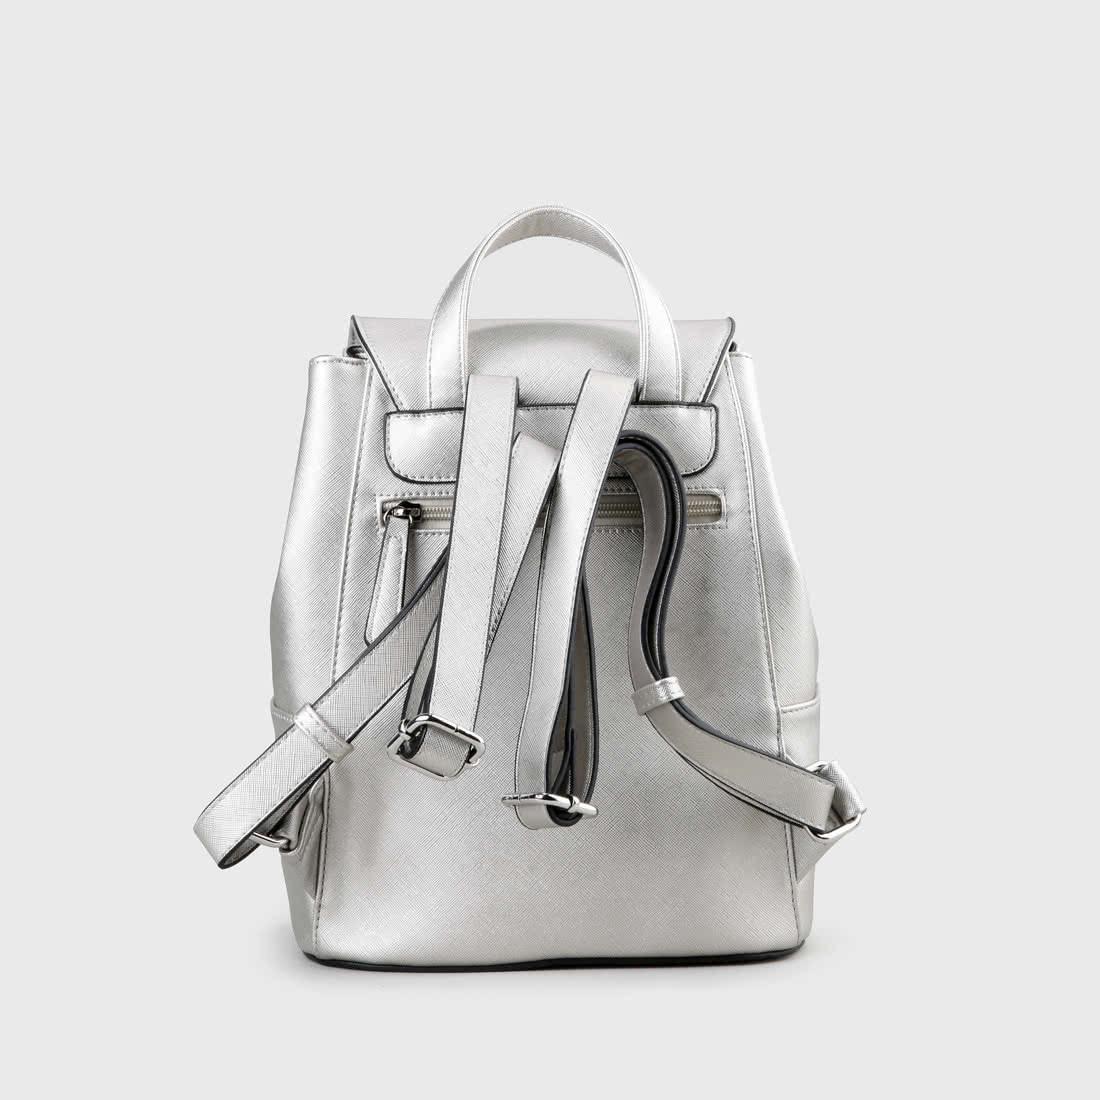 3f793d379b8fa Clara Rucksack Lederoptik Metallic silber online kaufen